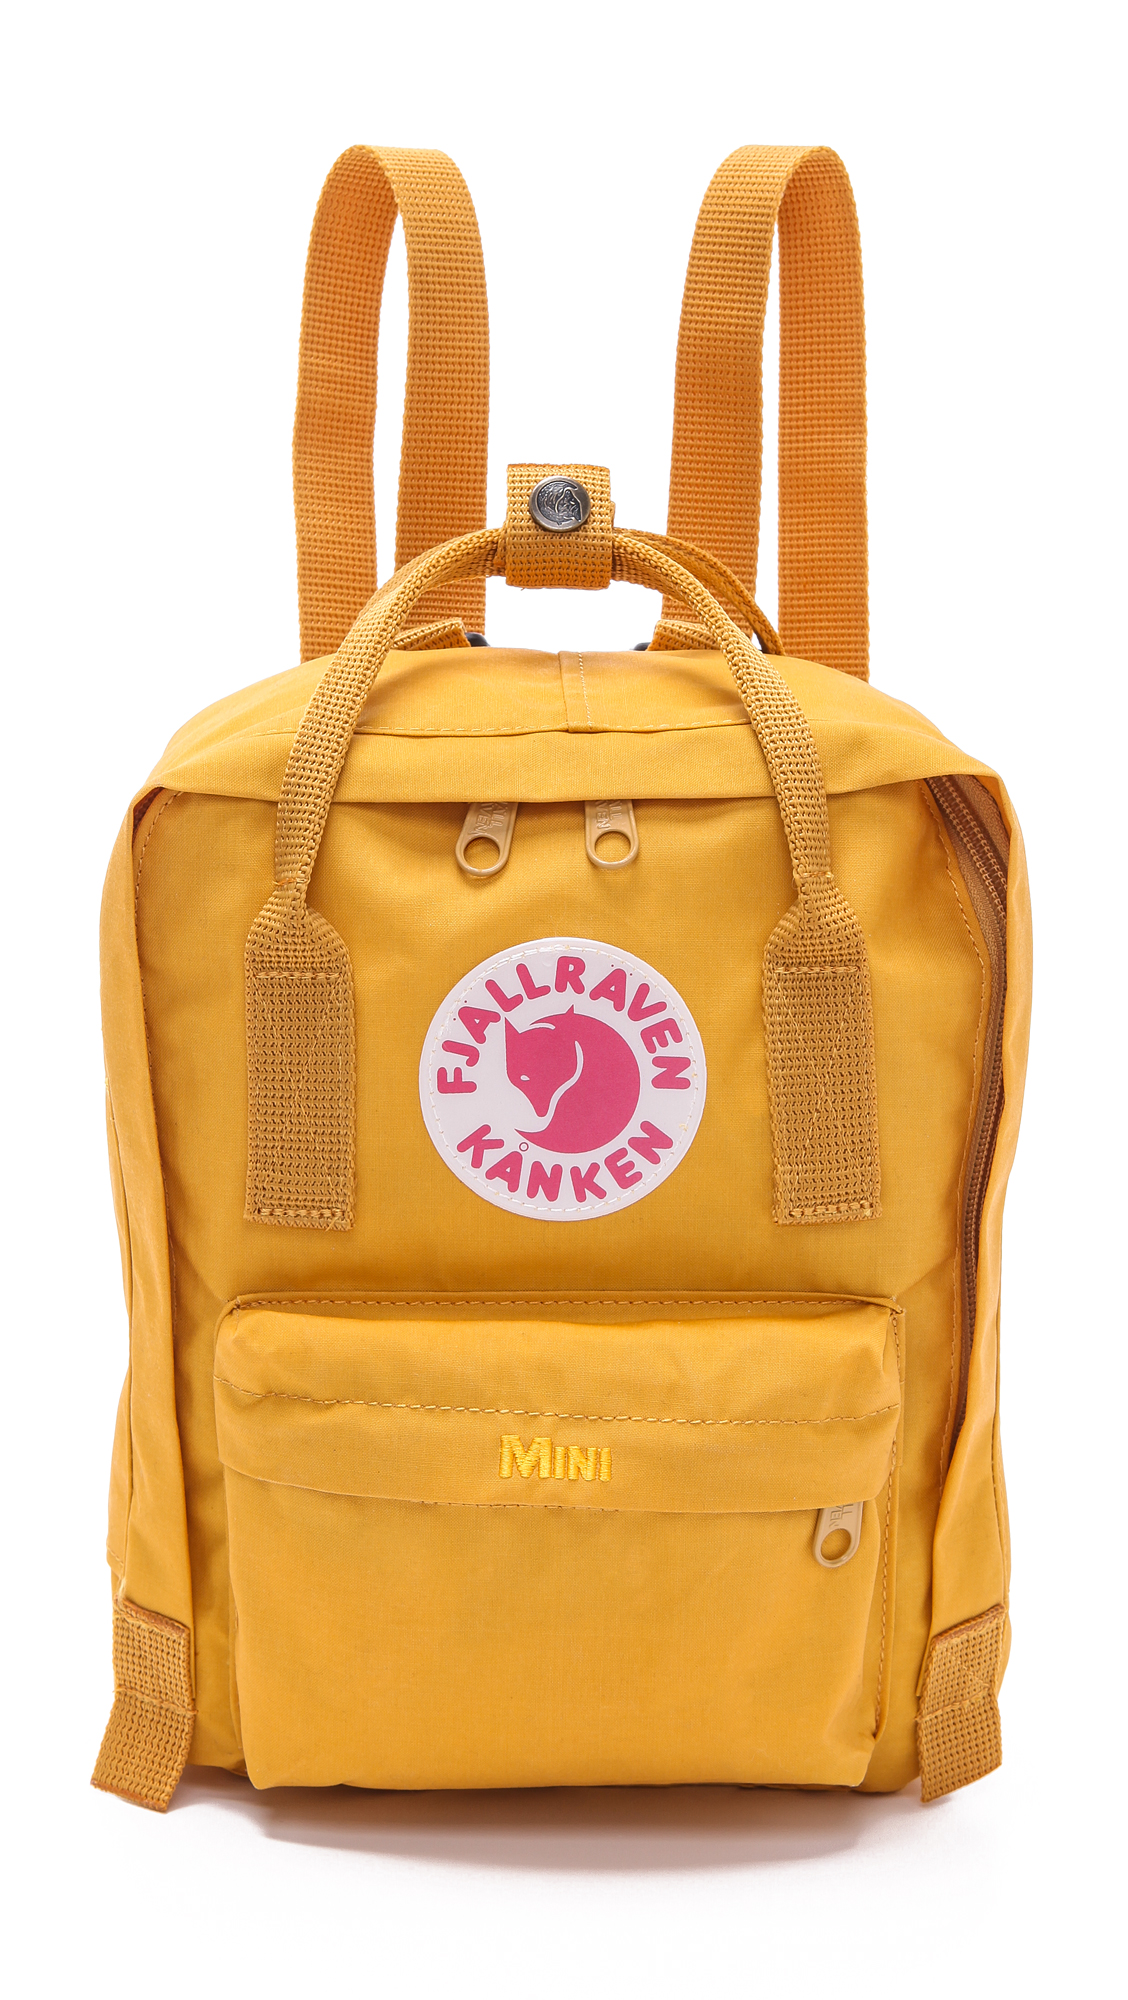 fjallraven kanken mini backpack in orange ochre lyst. Black Bedroom Furniture Sets. Home Design Ideas